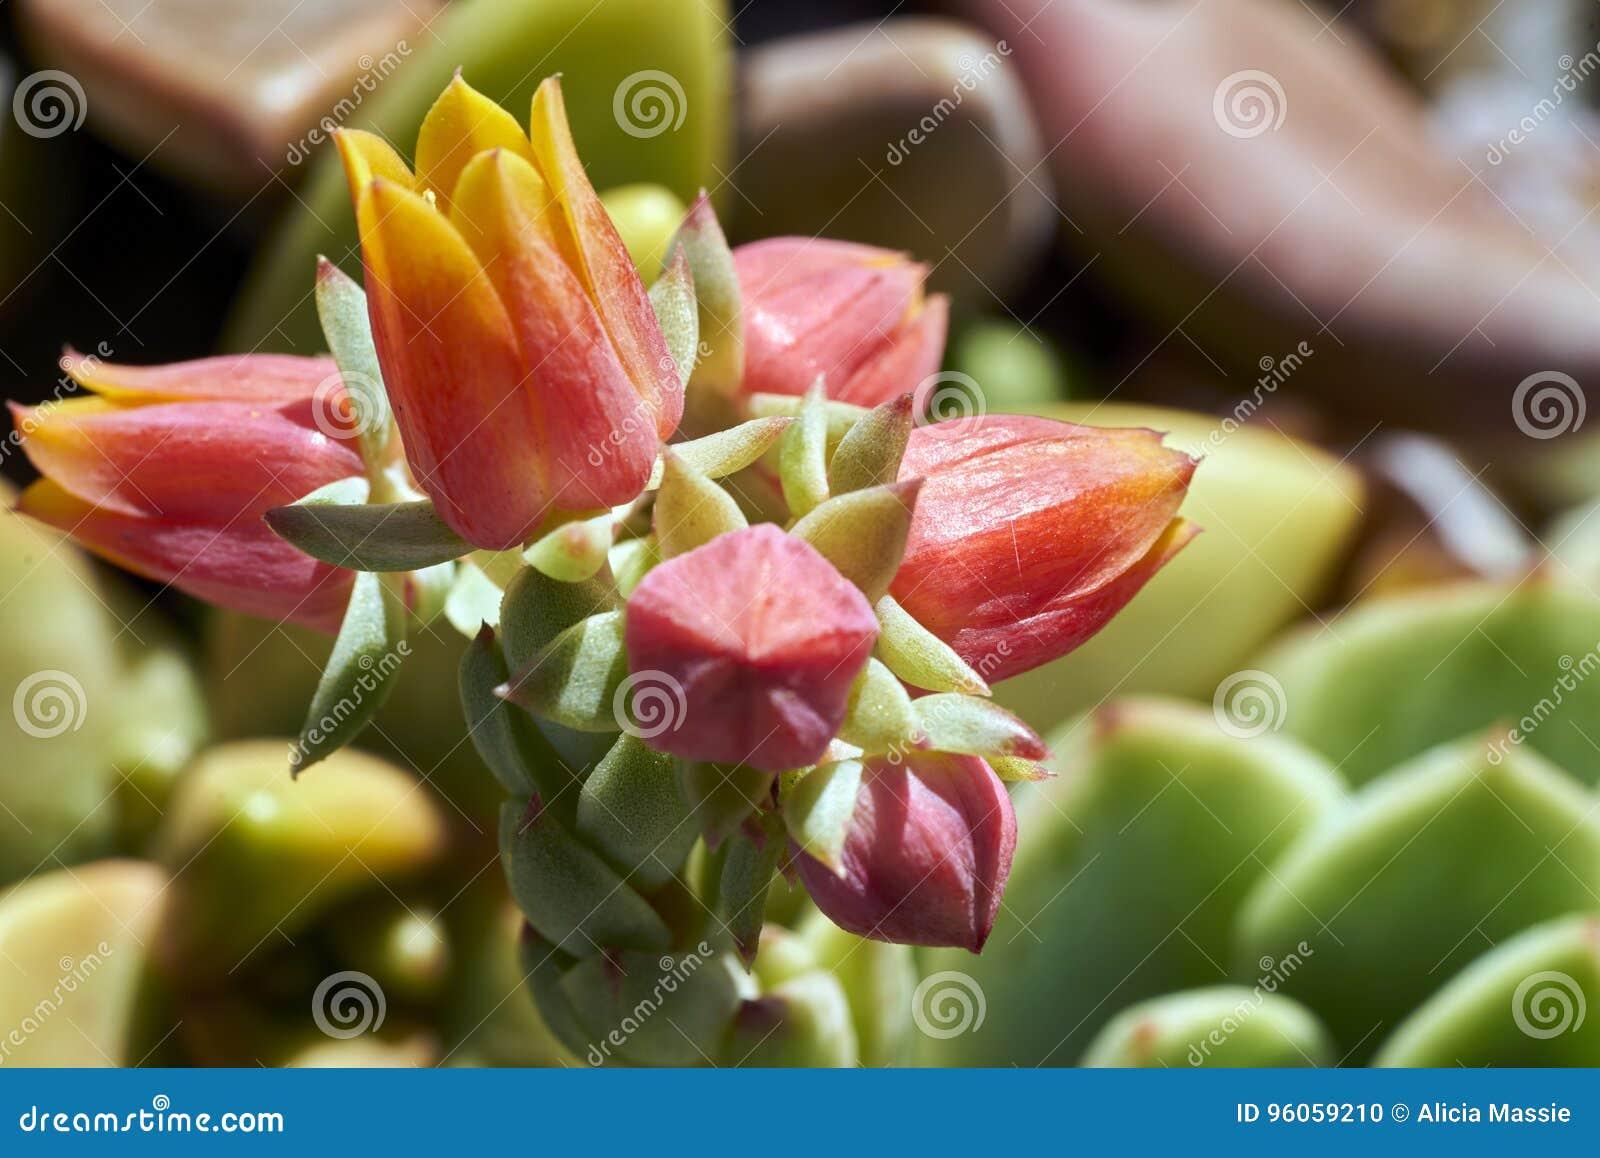 Vielzahl von Succulents in einer Dürre-toleranten Umwelt